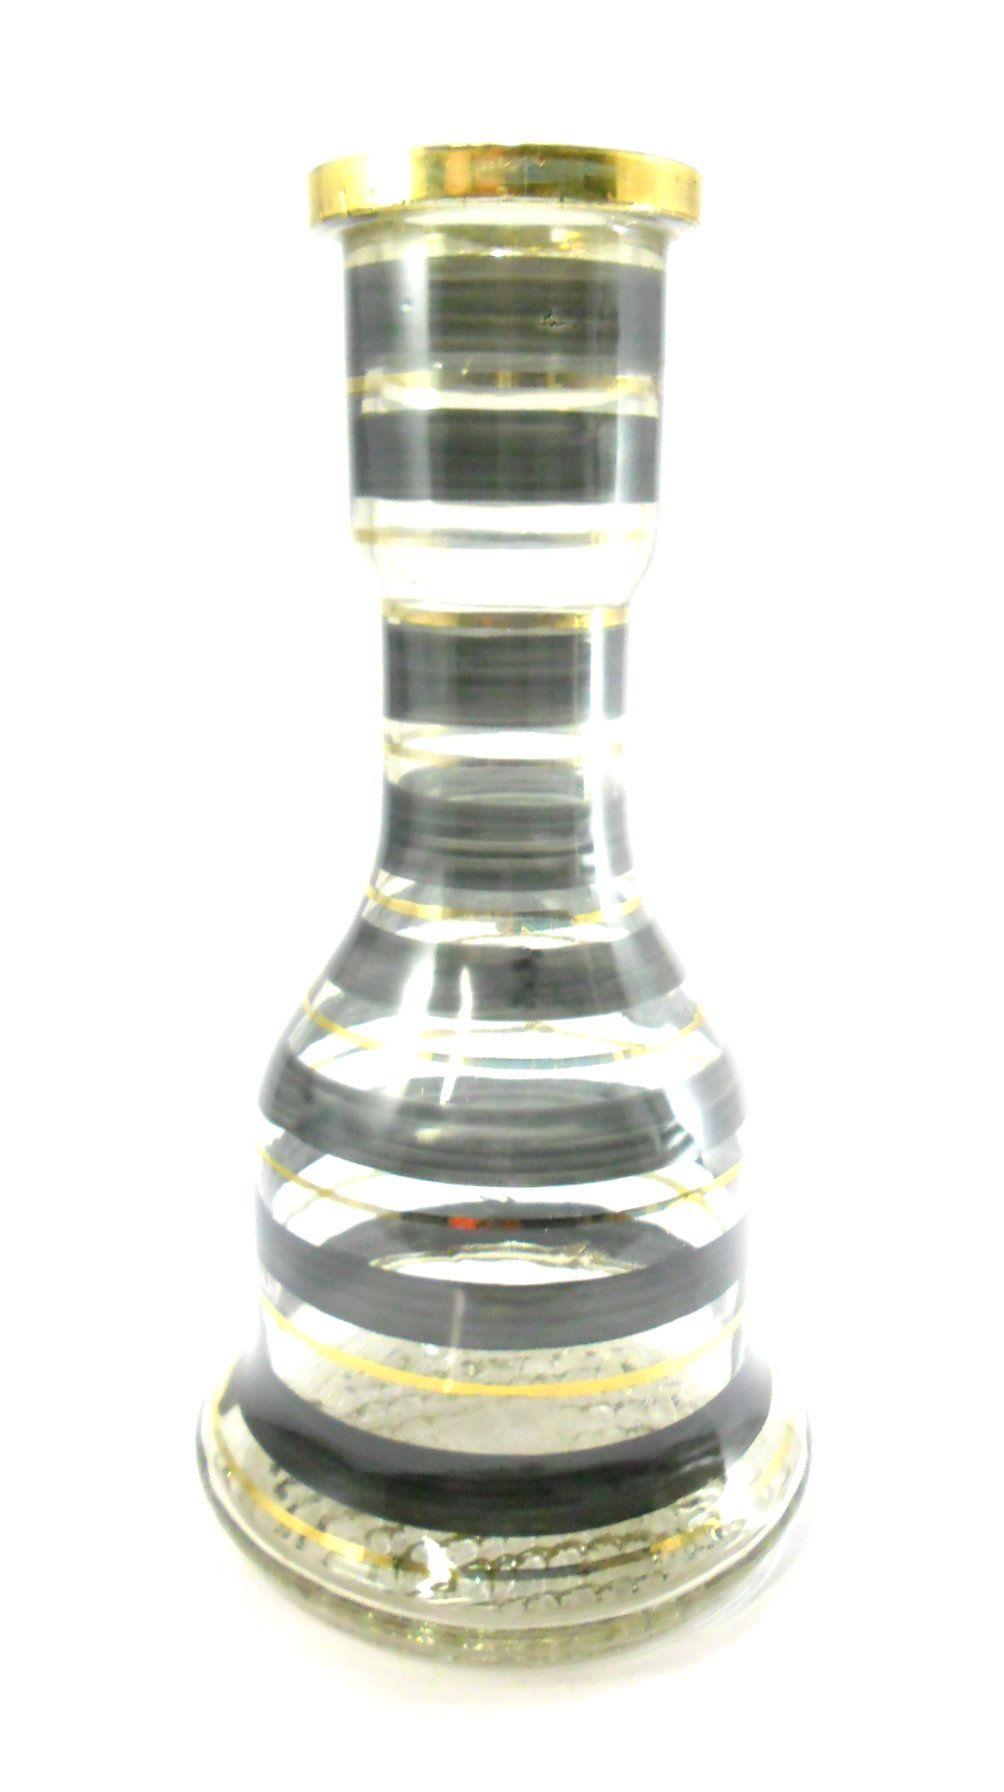 Vaso/Base para narguile formato SINO GRANDE 31cm LISTRAS em preto e dourado. Marca Pasha.